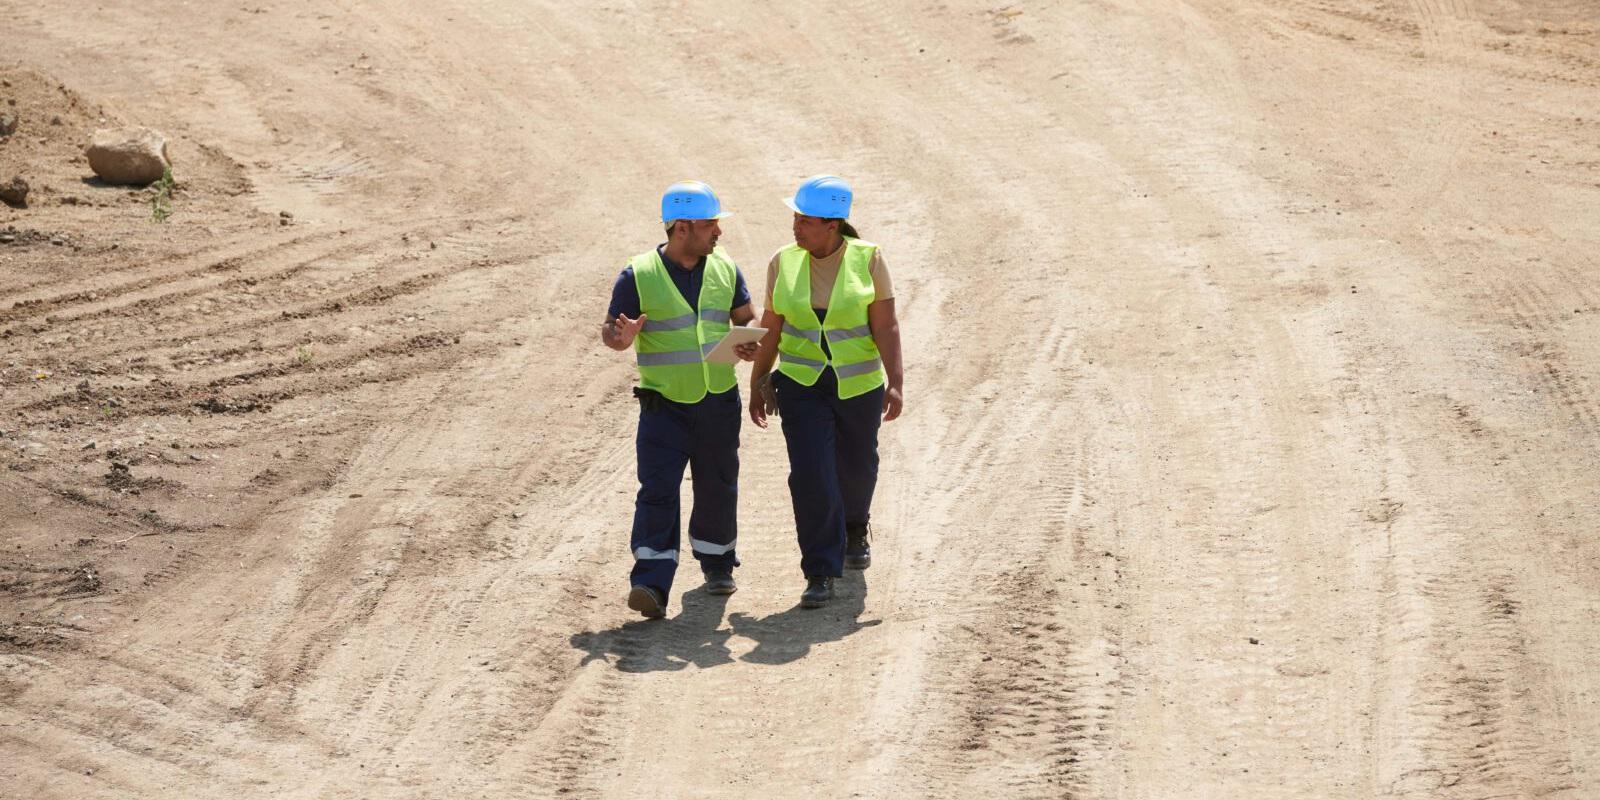 Mitarbeiter eines Bauunternehmens auf der Baustelle